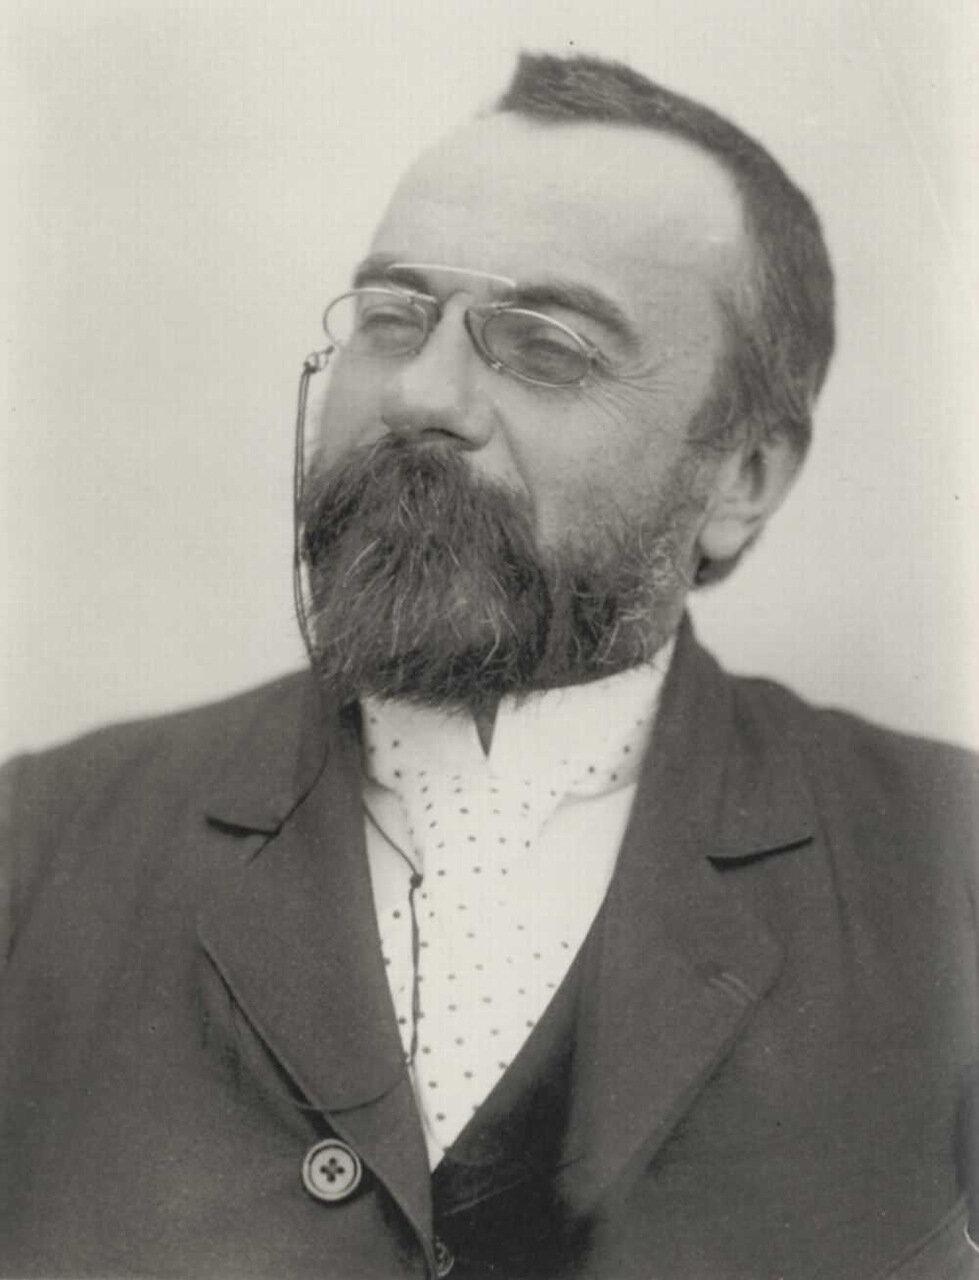 Альфред Брюно (1857-1934), композитор, автор лирических драм по романам Золя